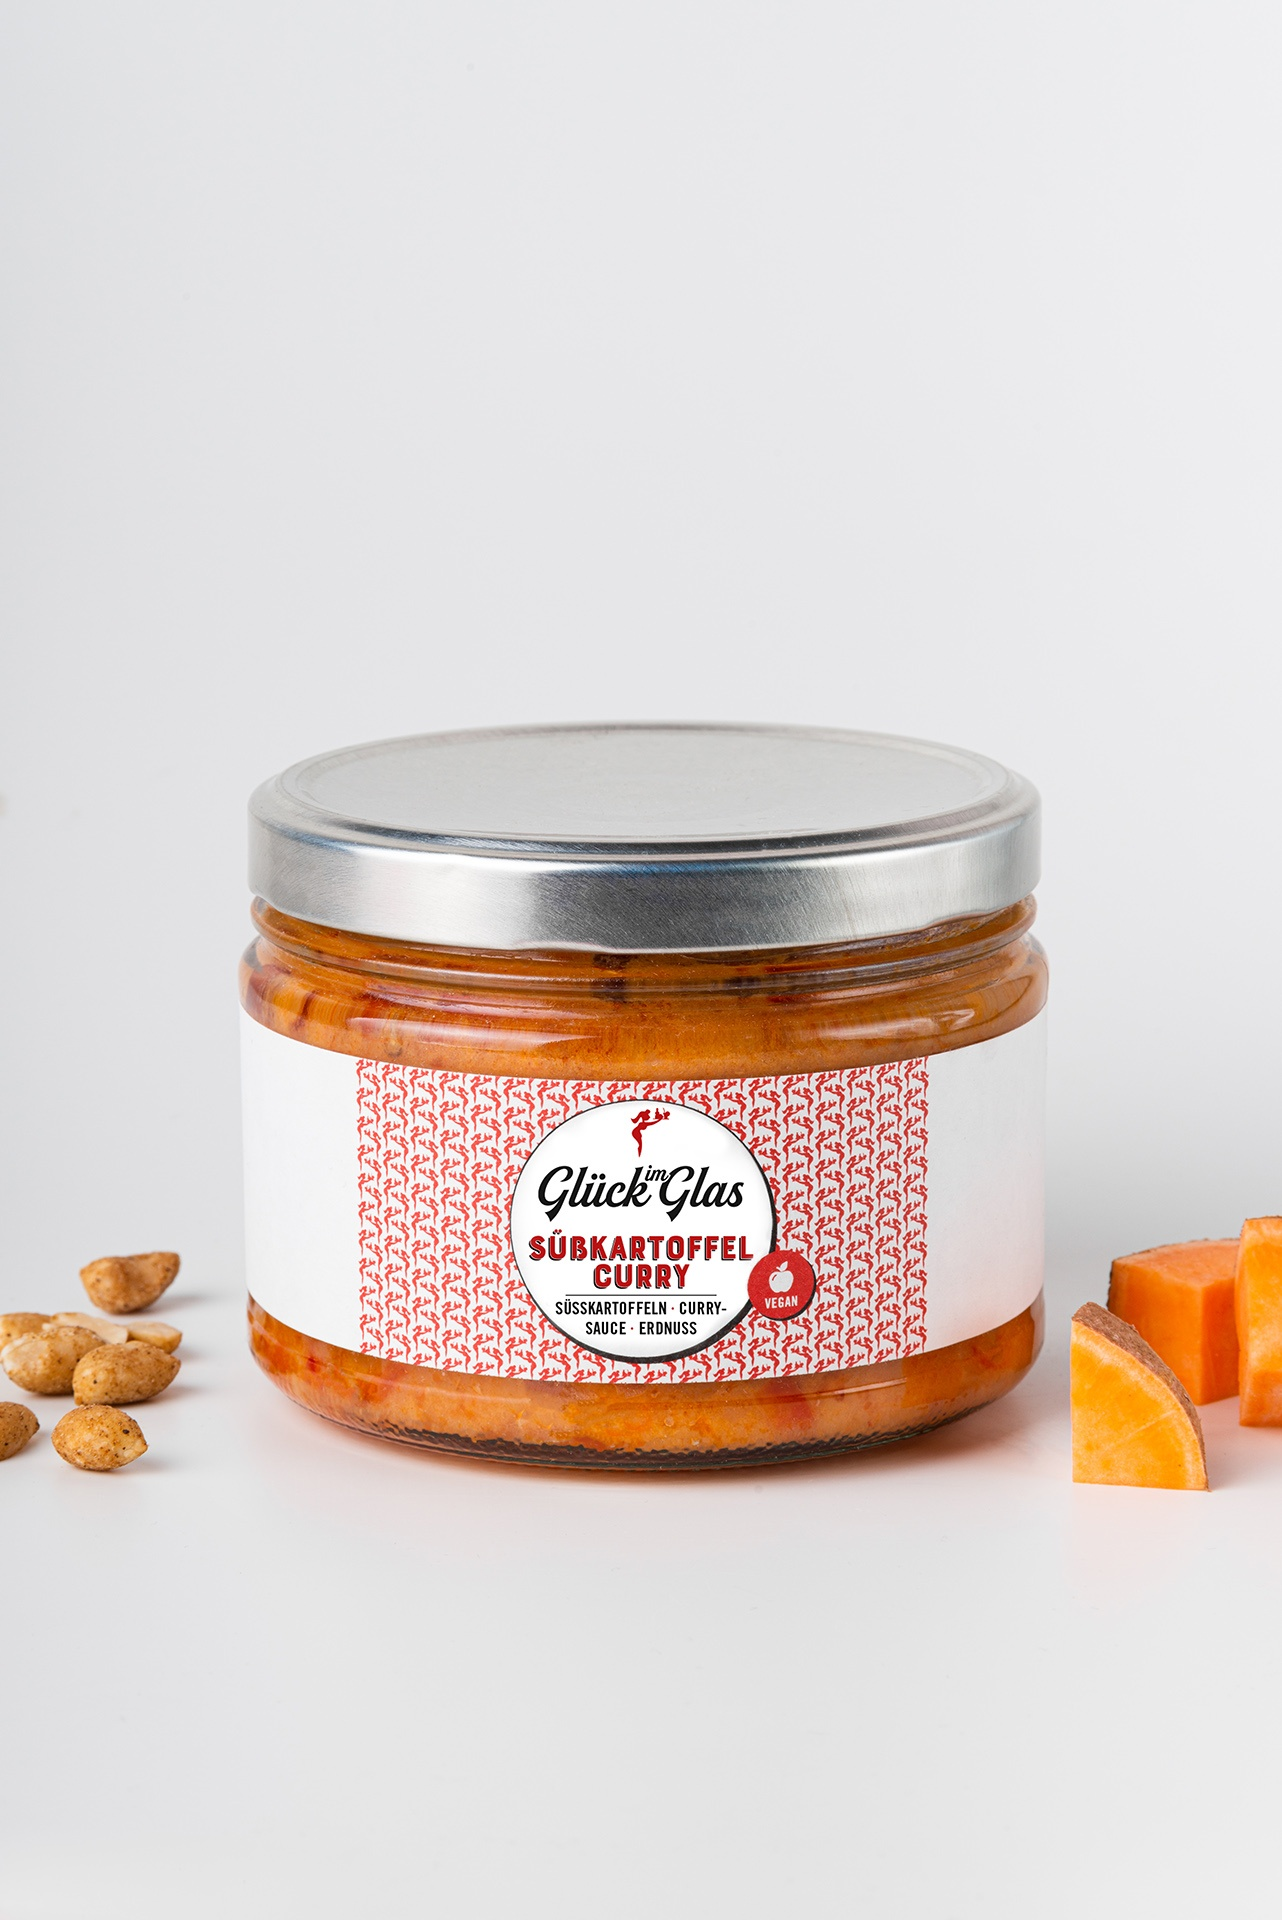 Süßkartoffelcurry im Glück im Glas Produktbild